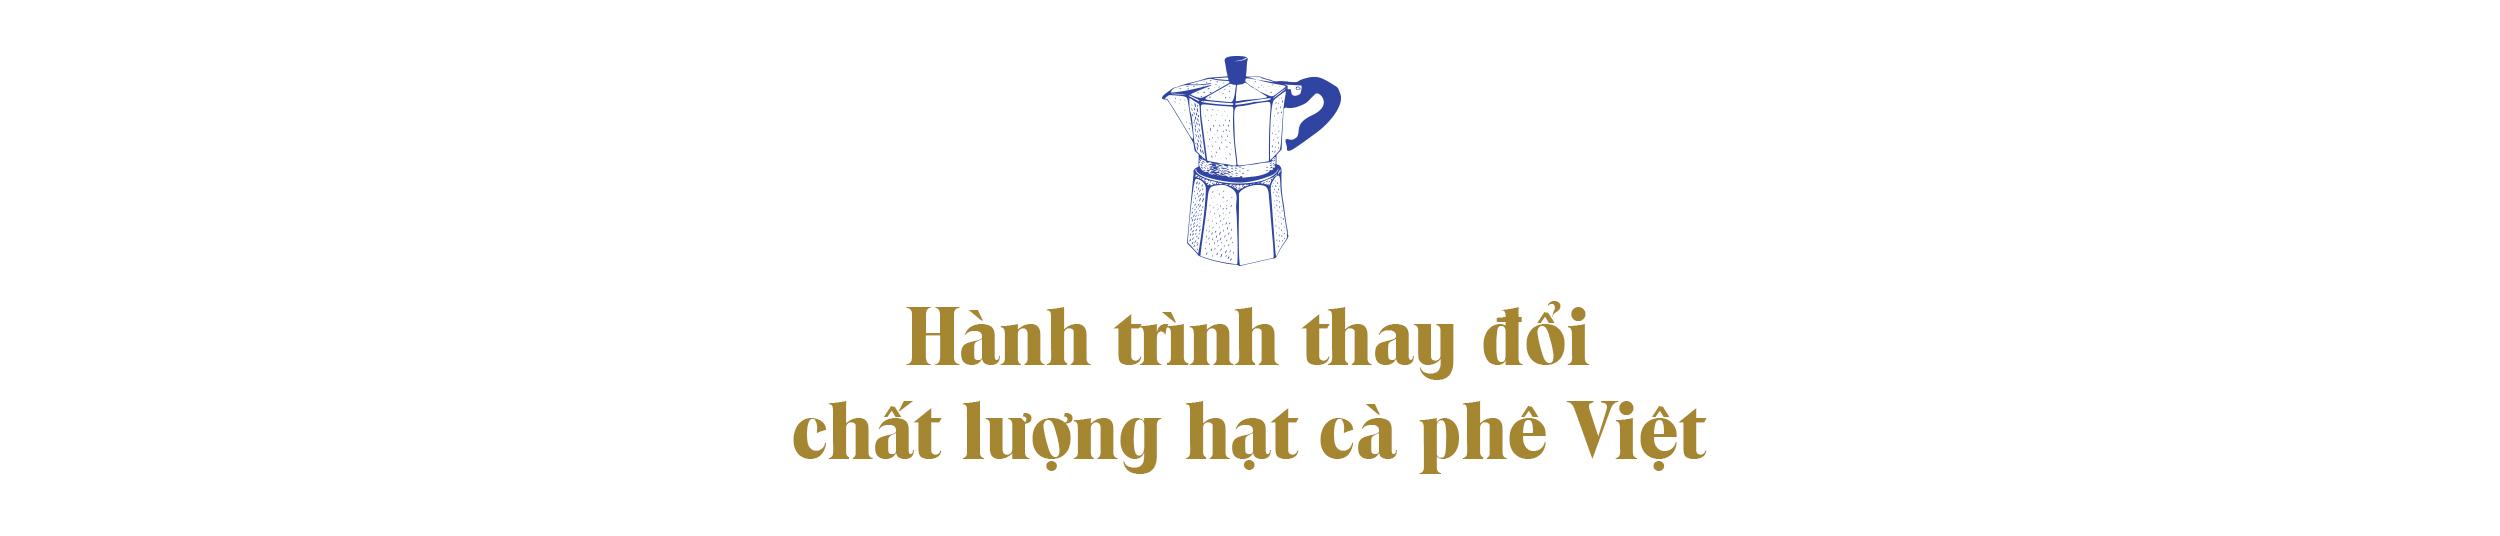 Nhà sáng lập SHIN Cà Phê Nguyễn Hữu Long: Hành trình nâng tầm cà phê thành sản vật quốc gia - Ảnh 6.